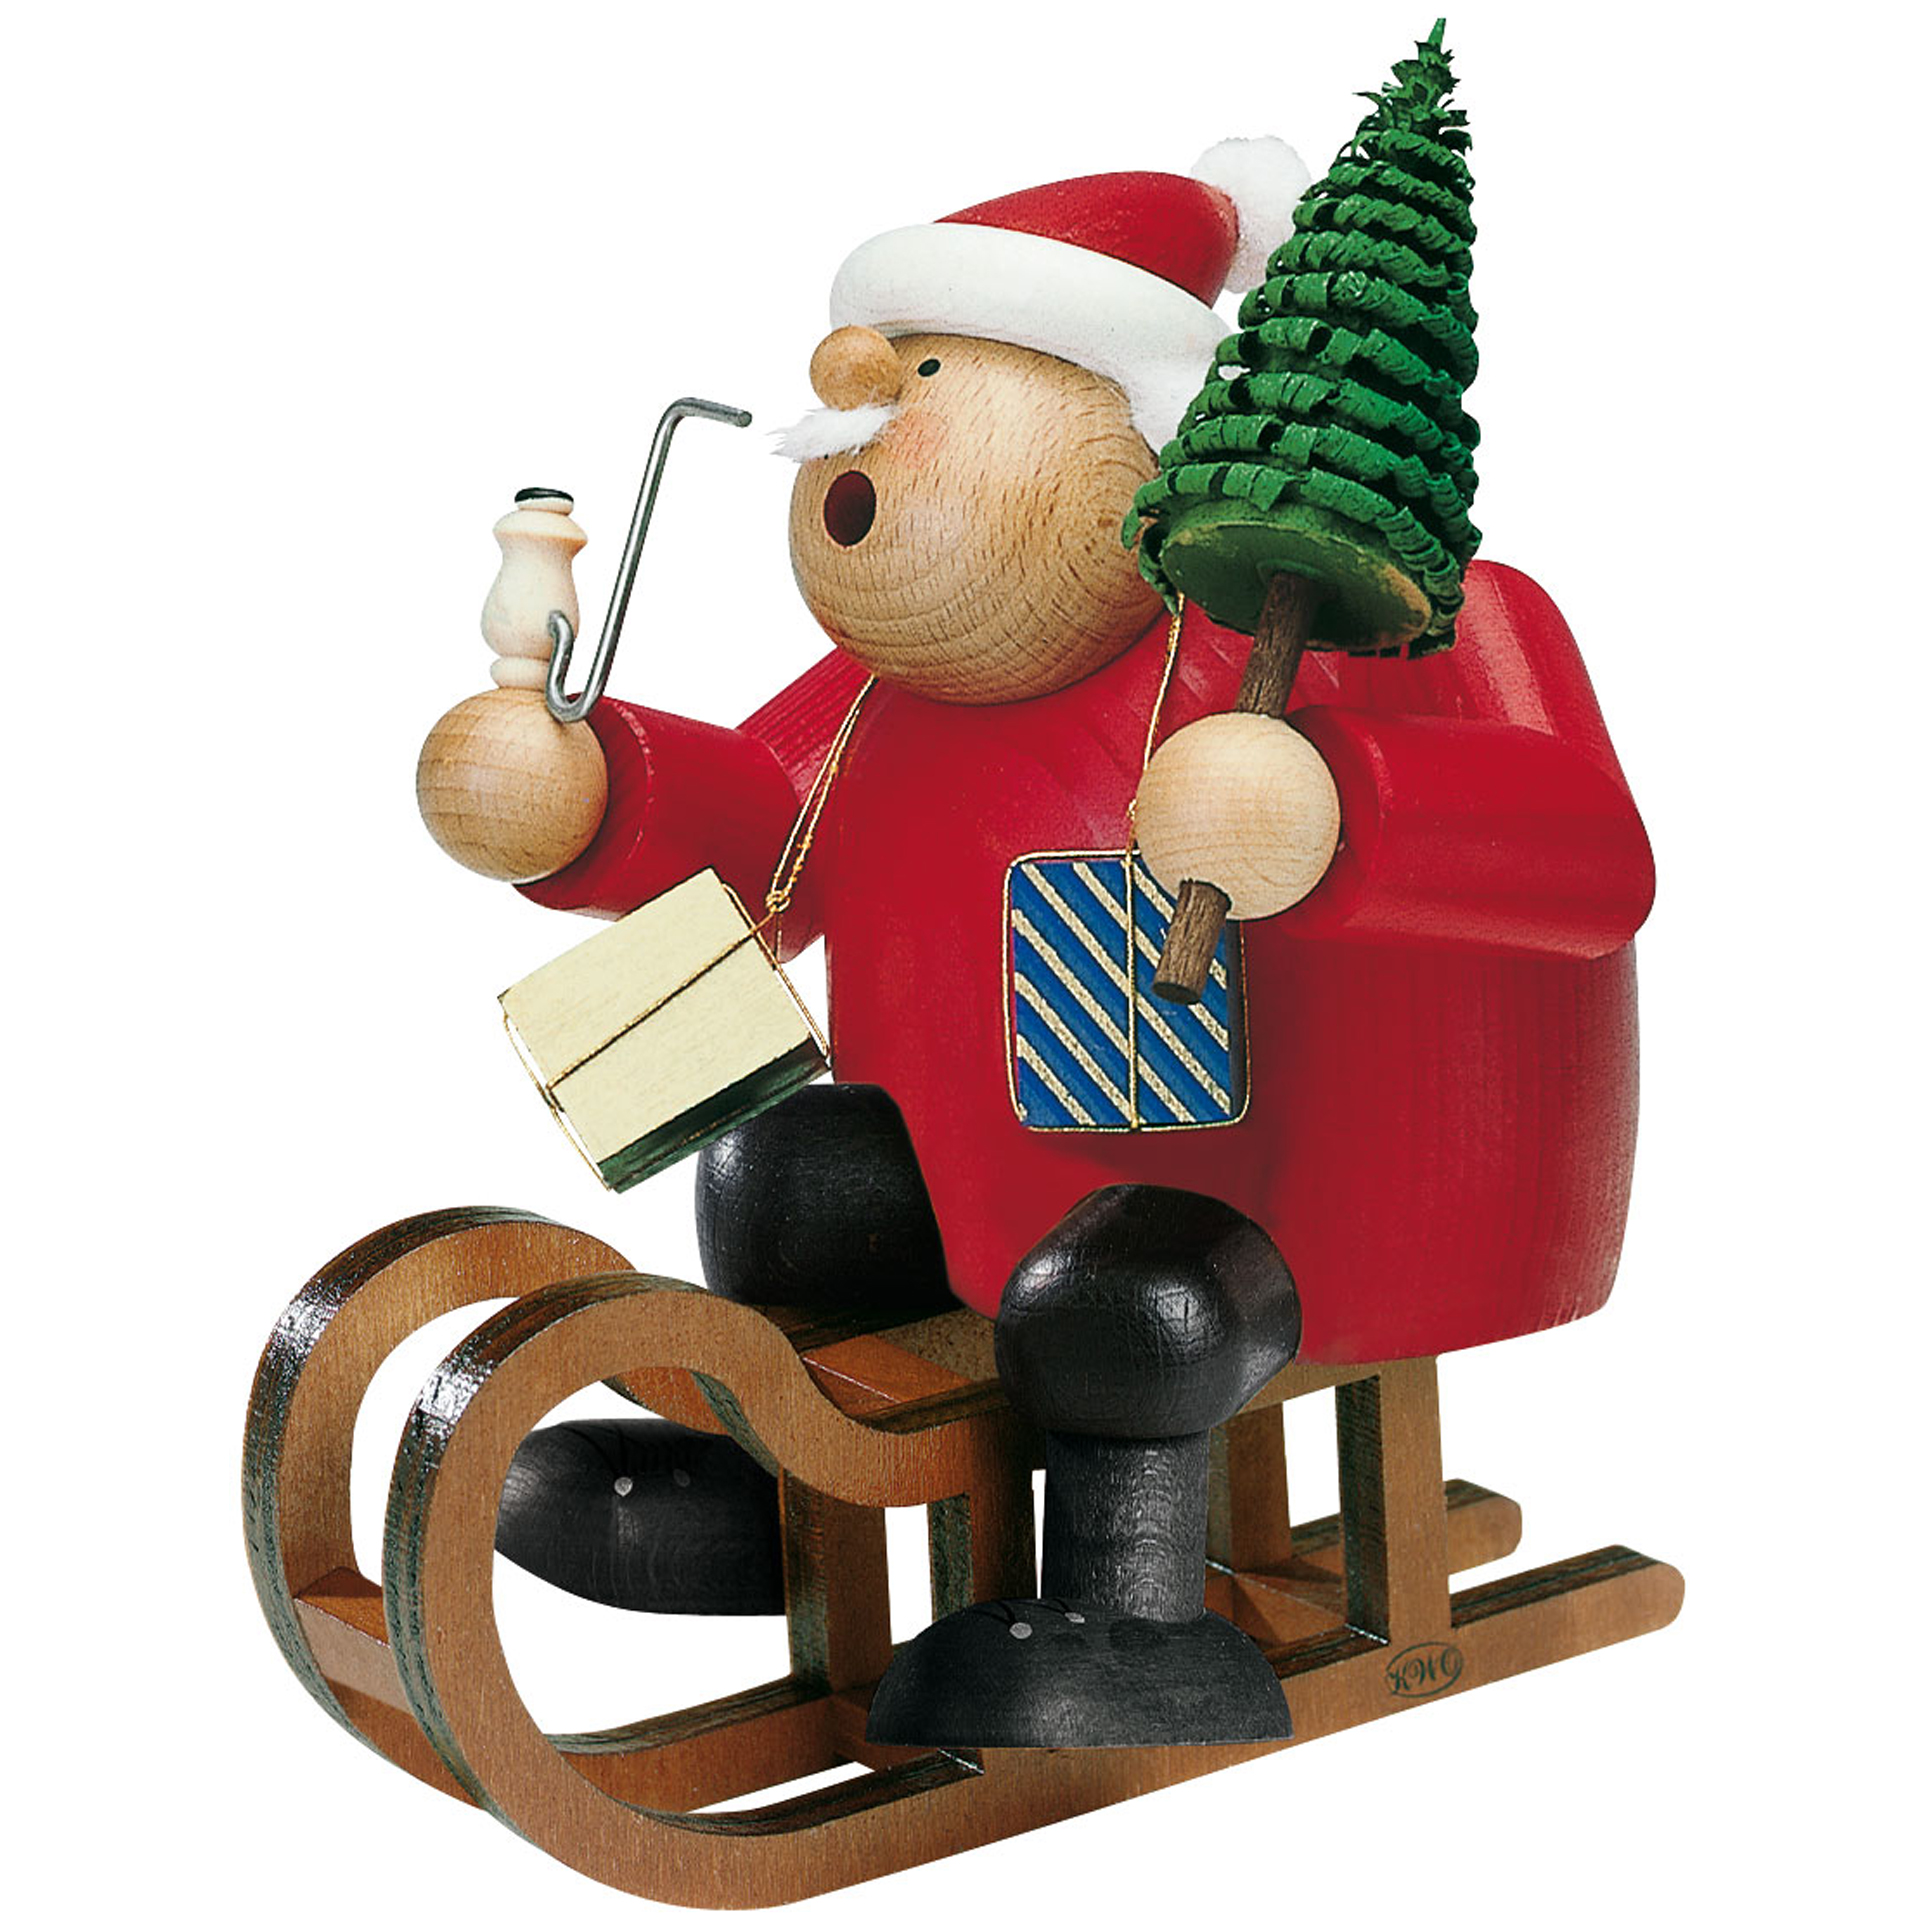 Rauchfigur Weihnachtsmann mit Schlitten